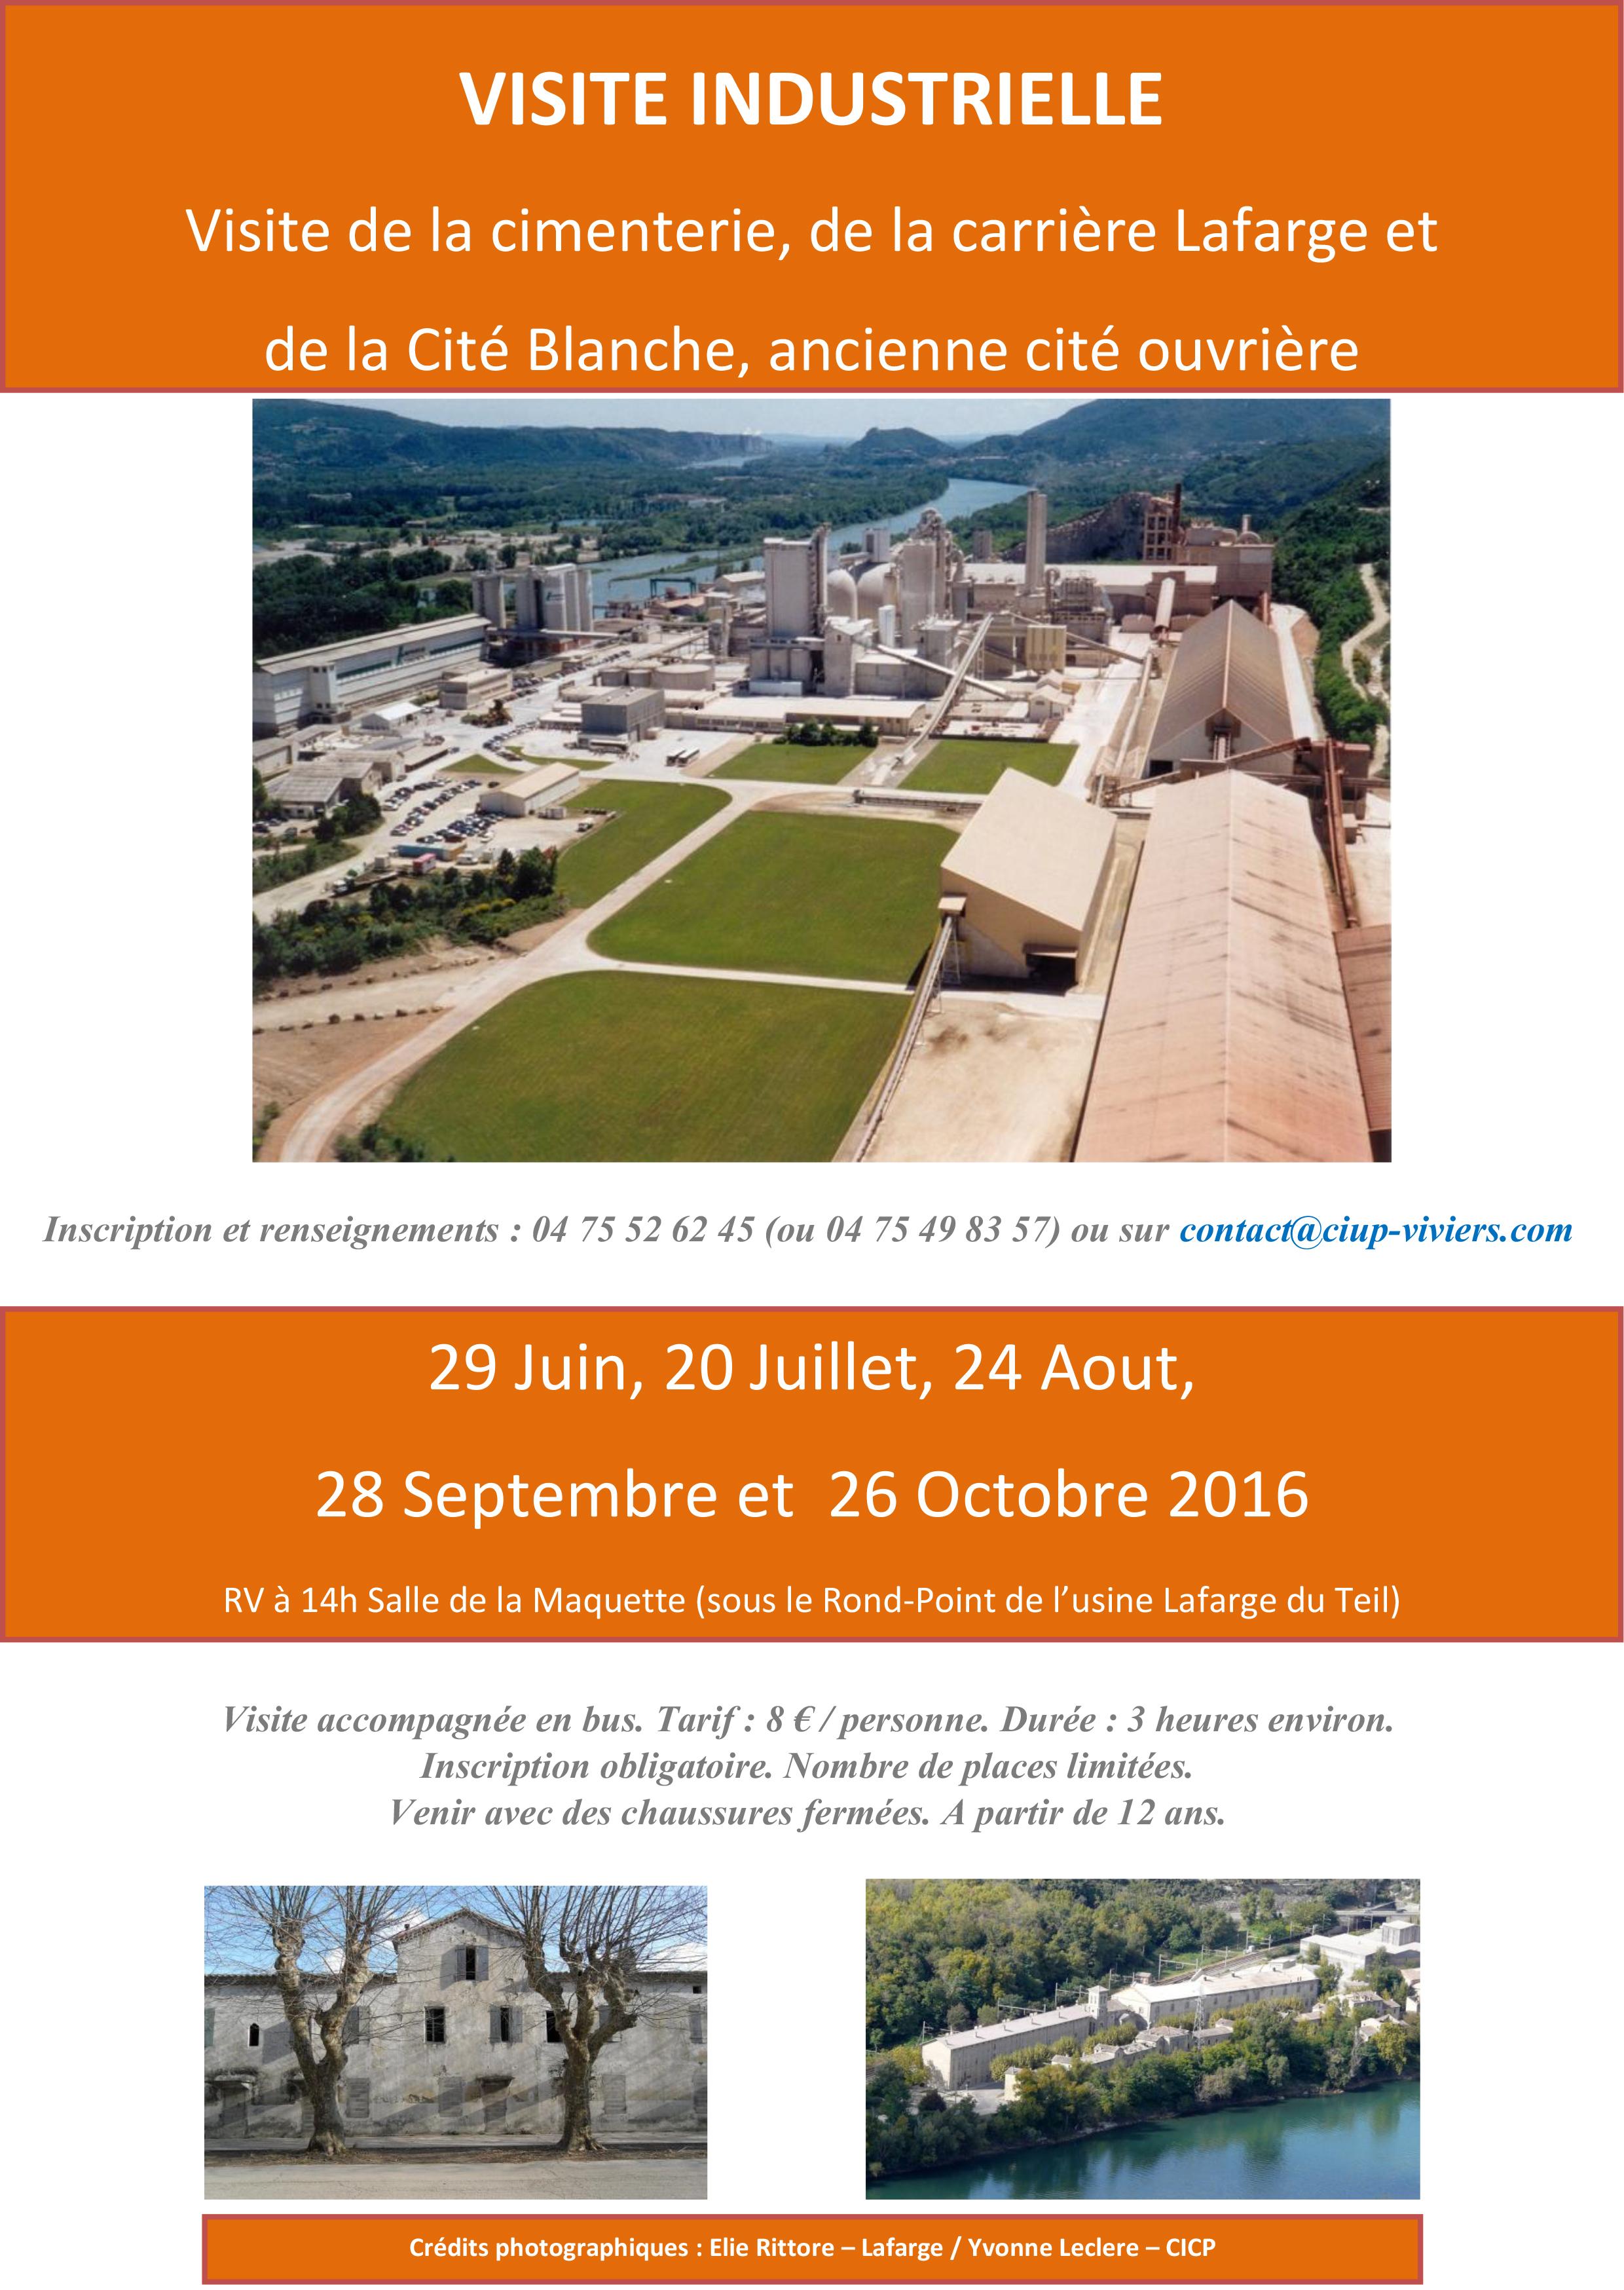 Visite industrielle la cimenterie, de la carrière Lafarge et de la Cité Blanche